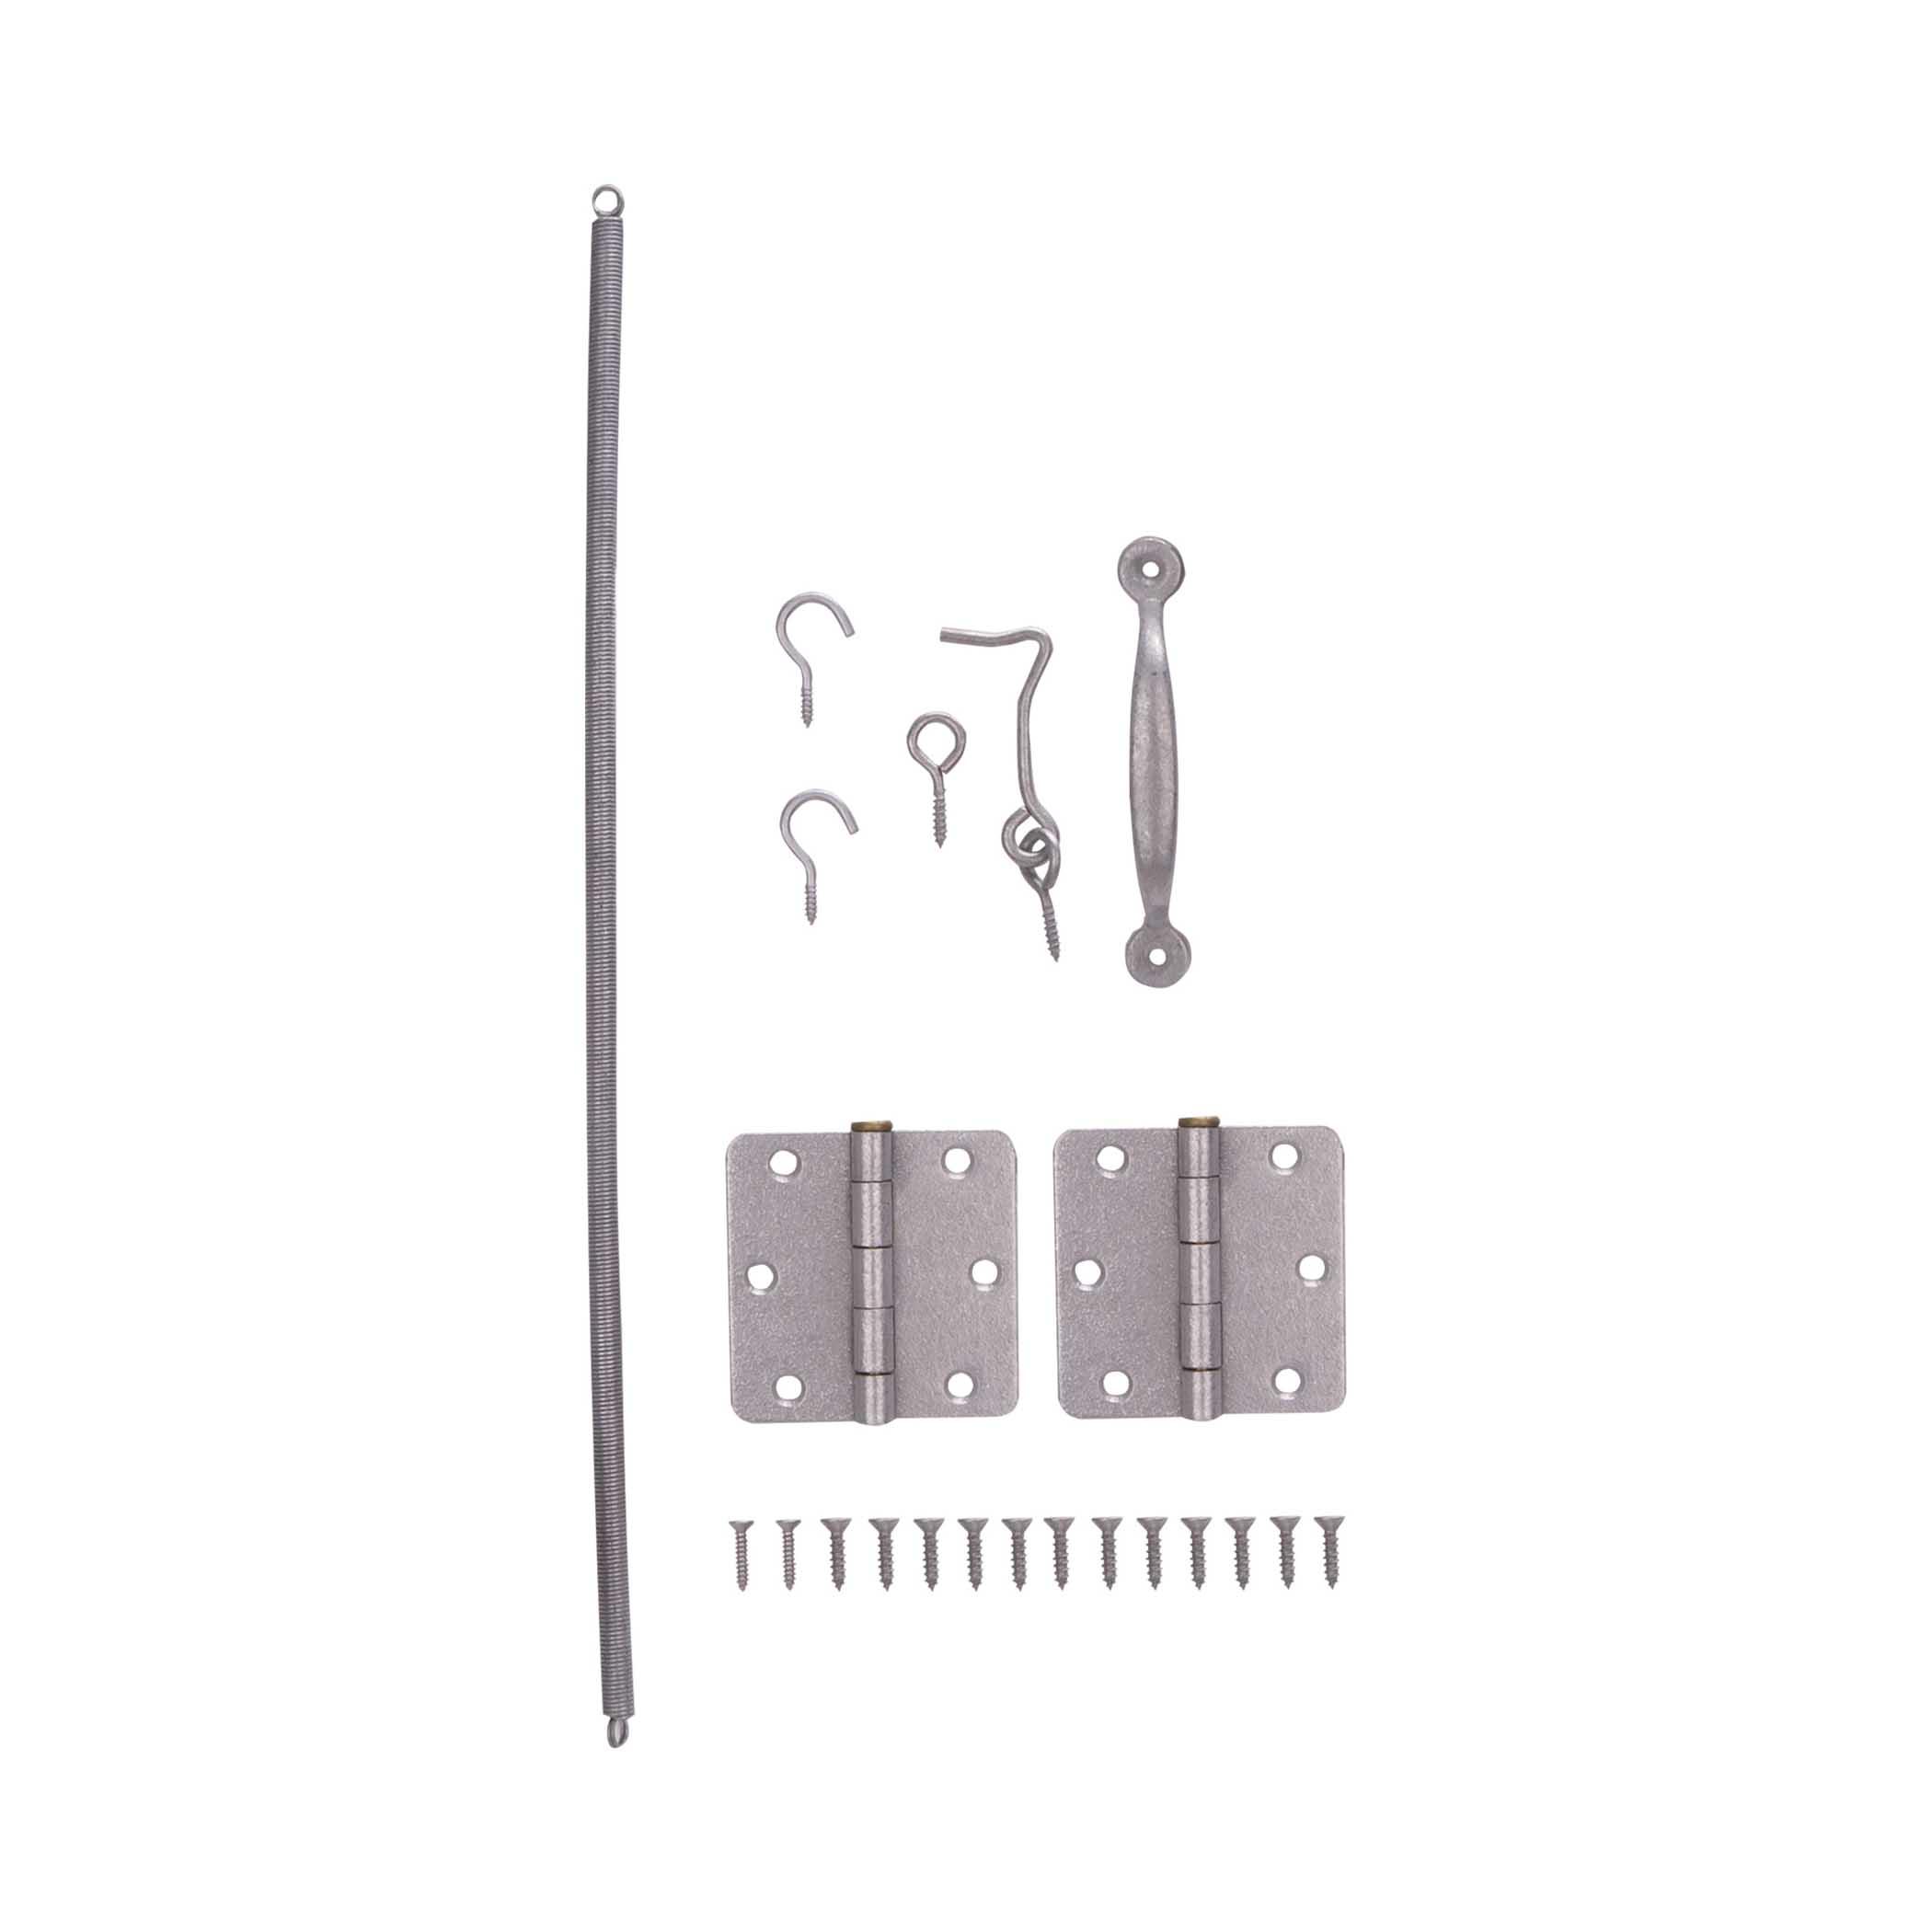 Picture of ProSource LR-115-PS Screen Door Hinge Set, Galvanized Steel, For: Wood Screen Doors